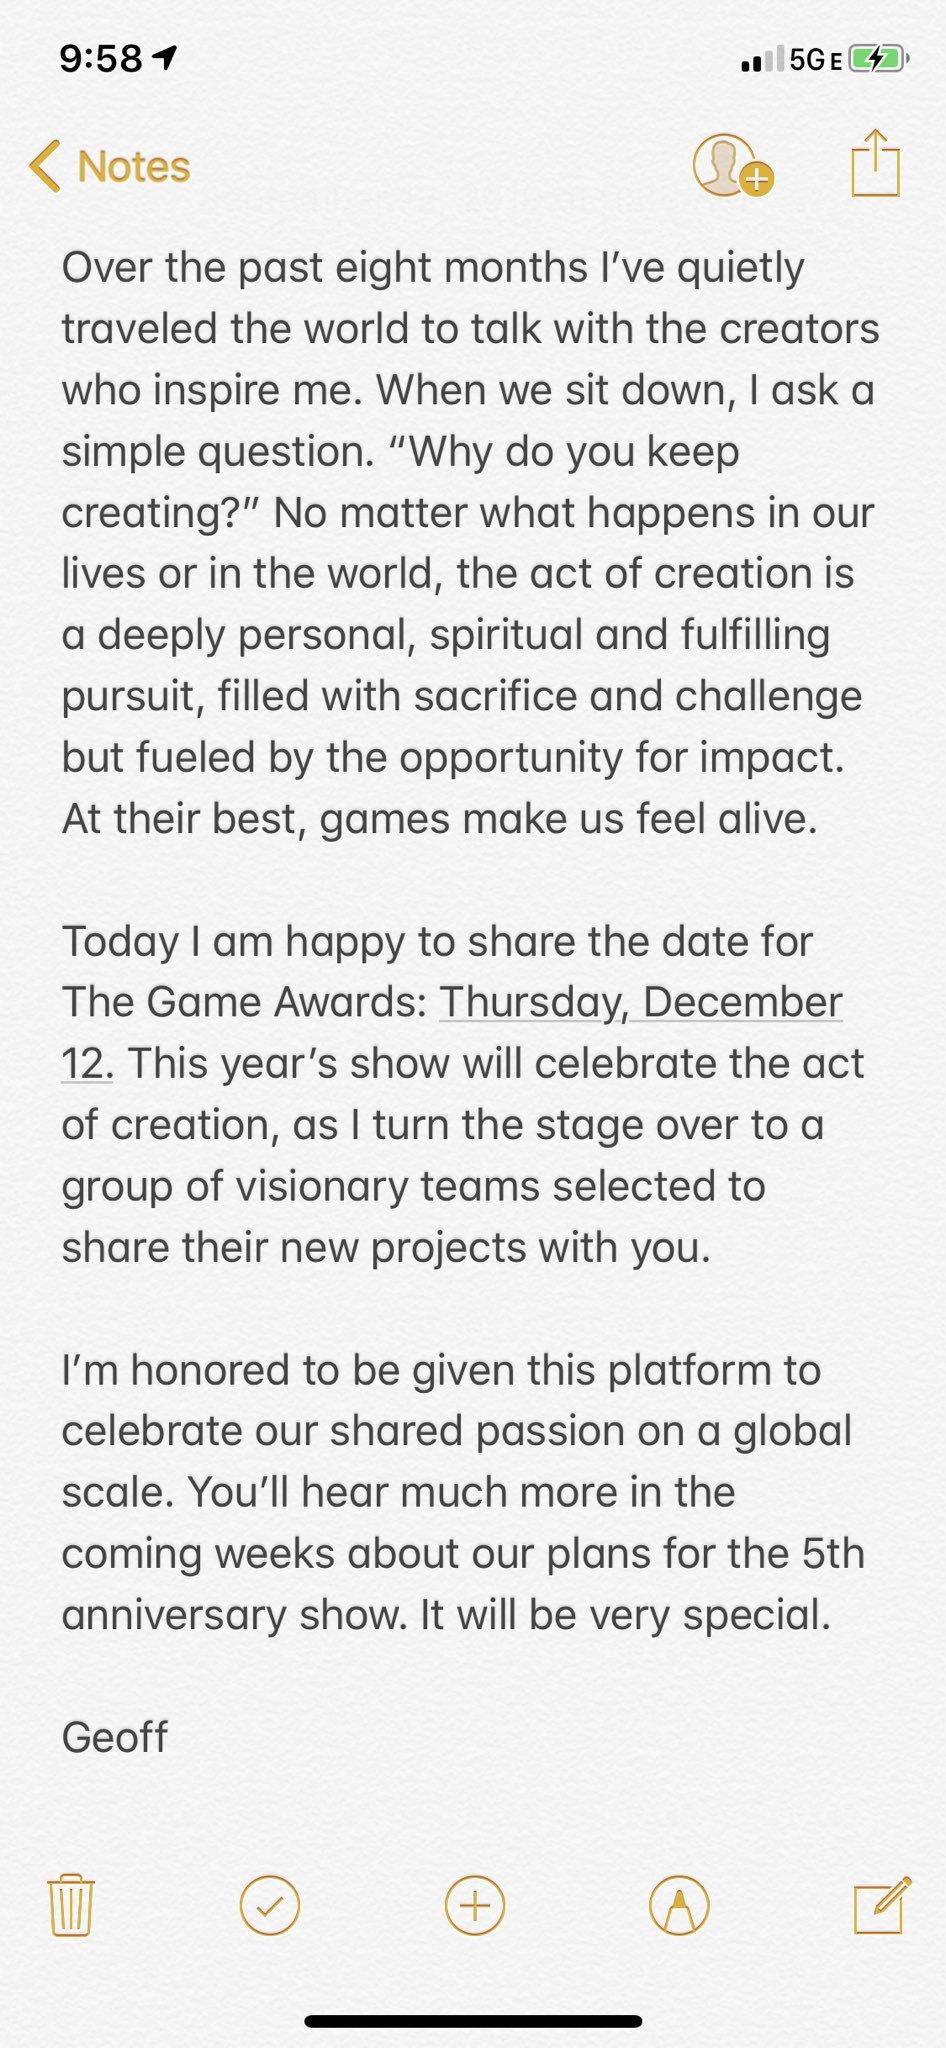 游戏创作者盛会 TGA 2019颁奖礼定于12月12日举办